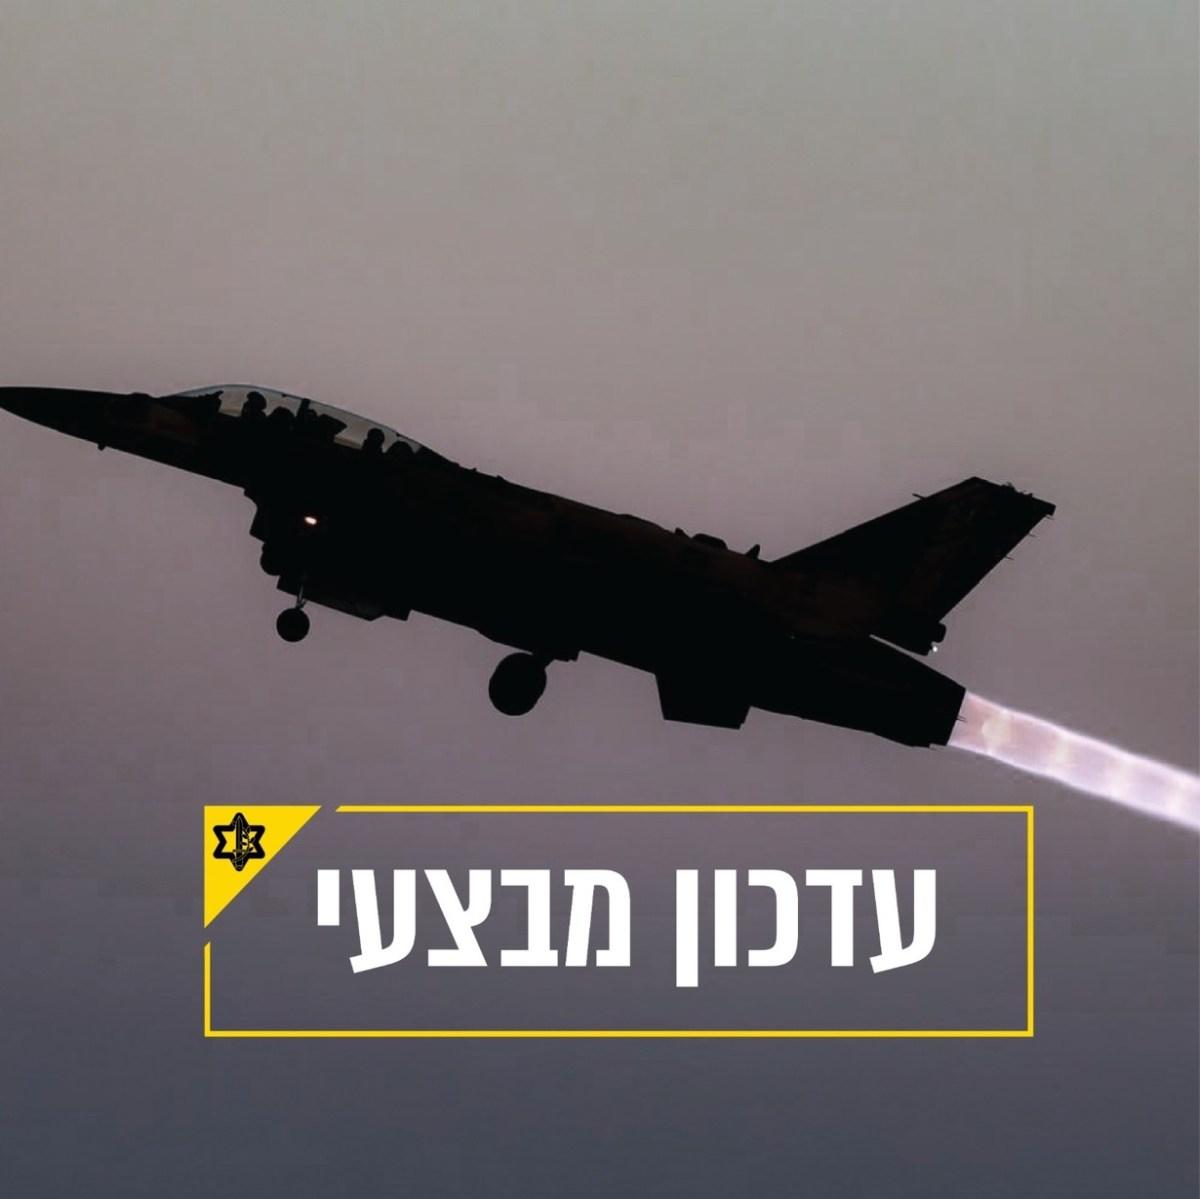 A rakétatámadásra reagálva az izraeli hadsereg légicsapást hajtott végre a Gázai övezetben